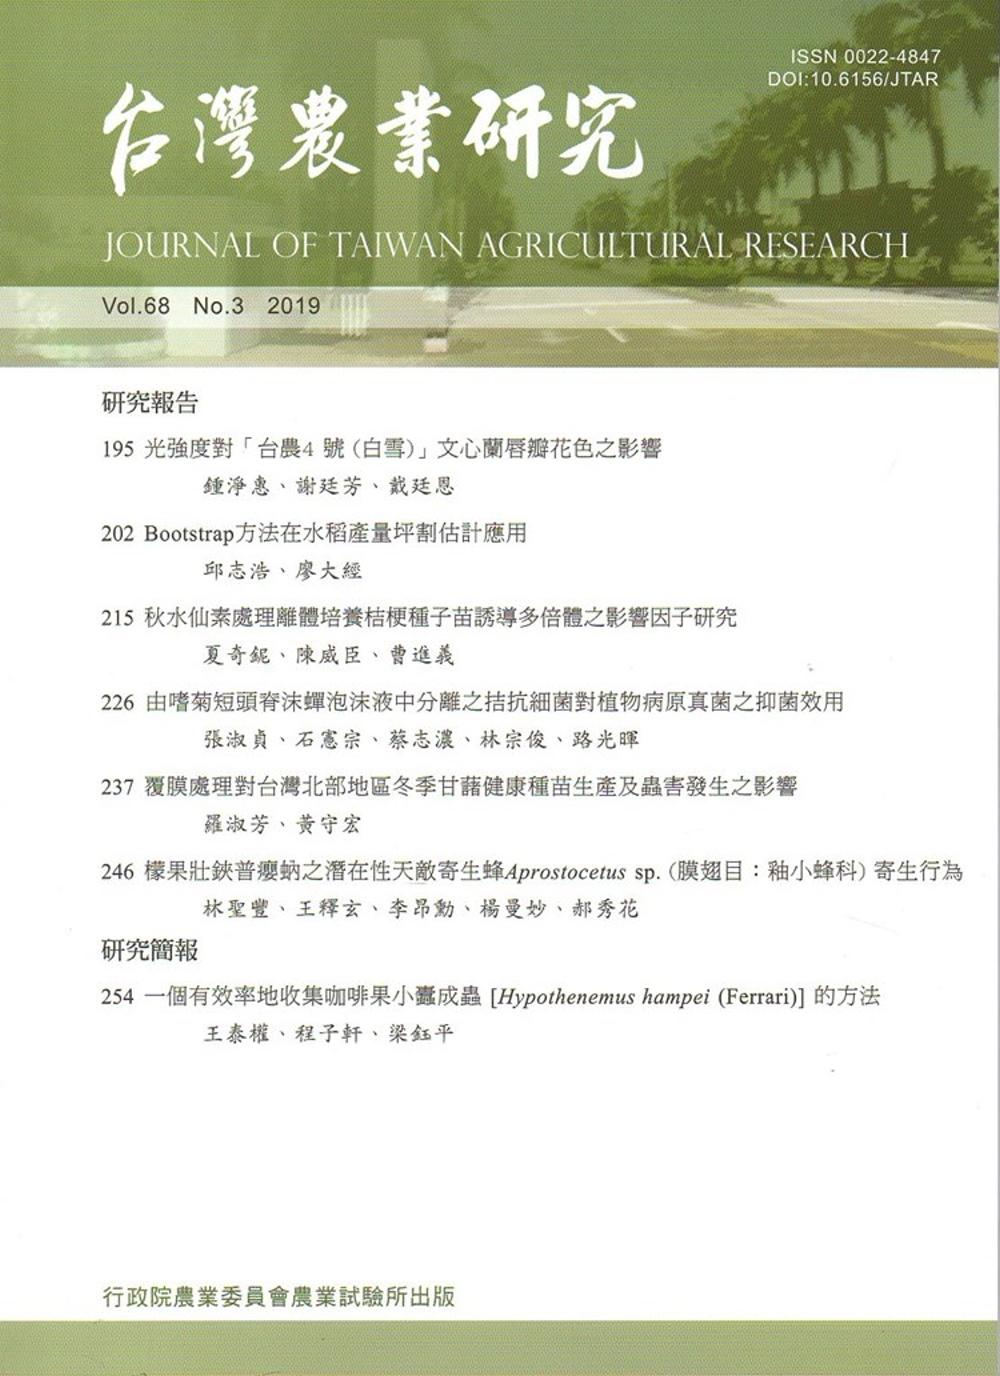 台灣農業研究季刊第68卷3期(108/09)